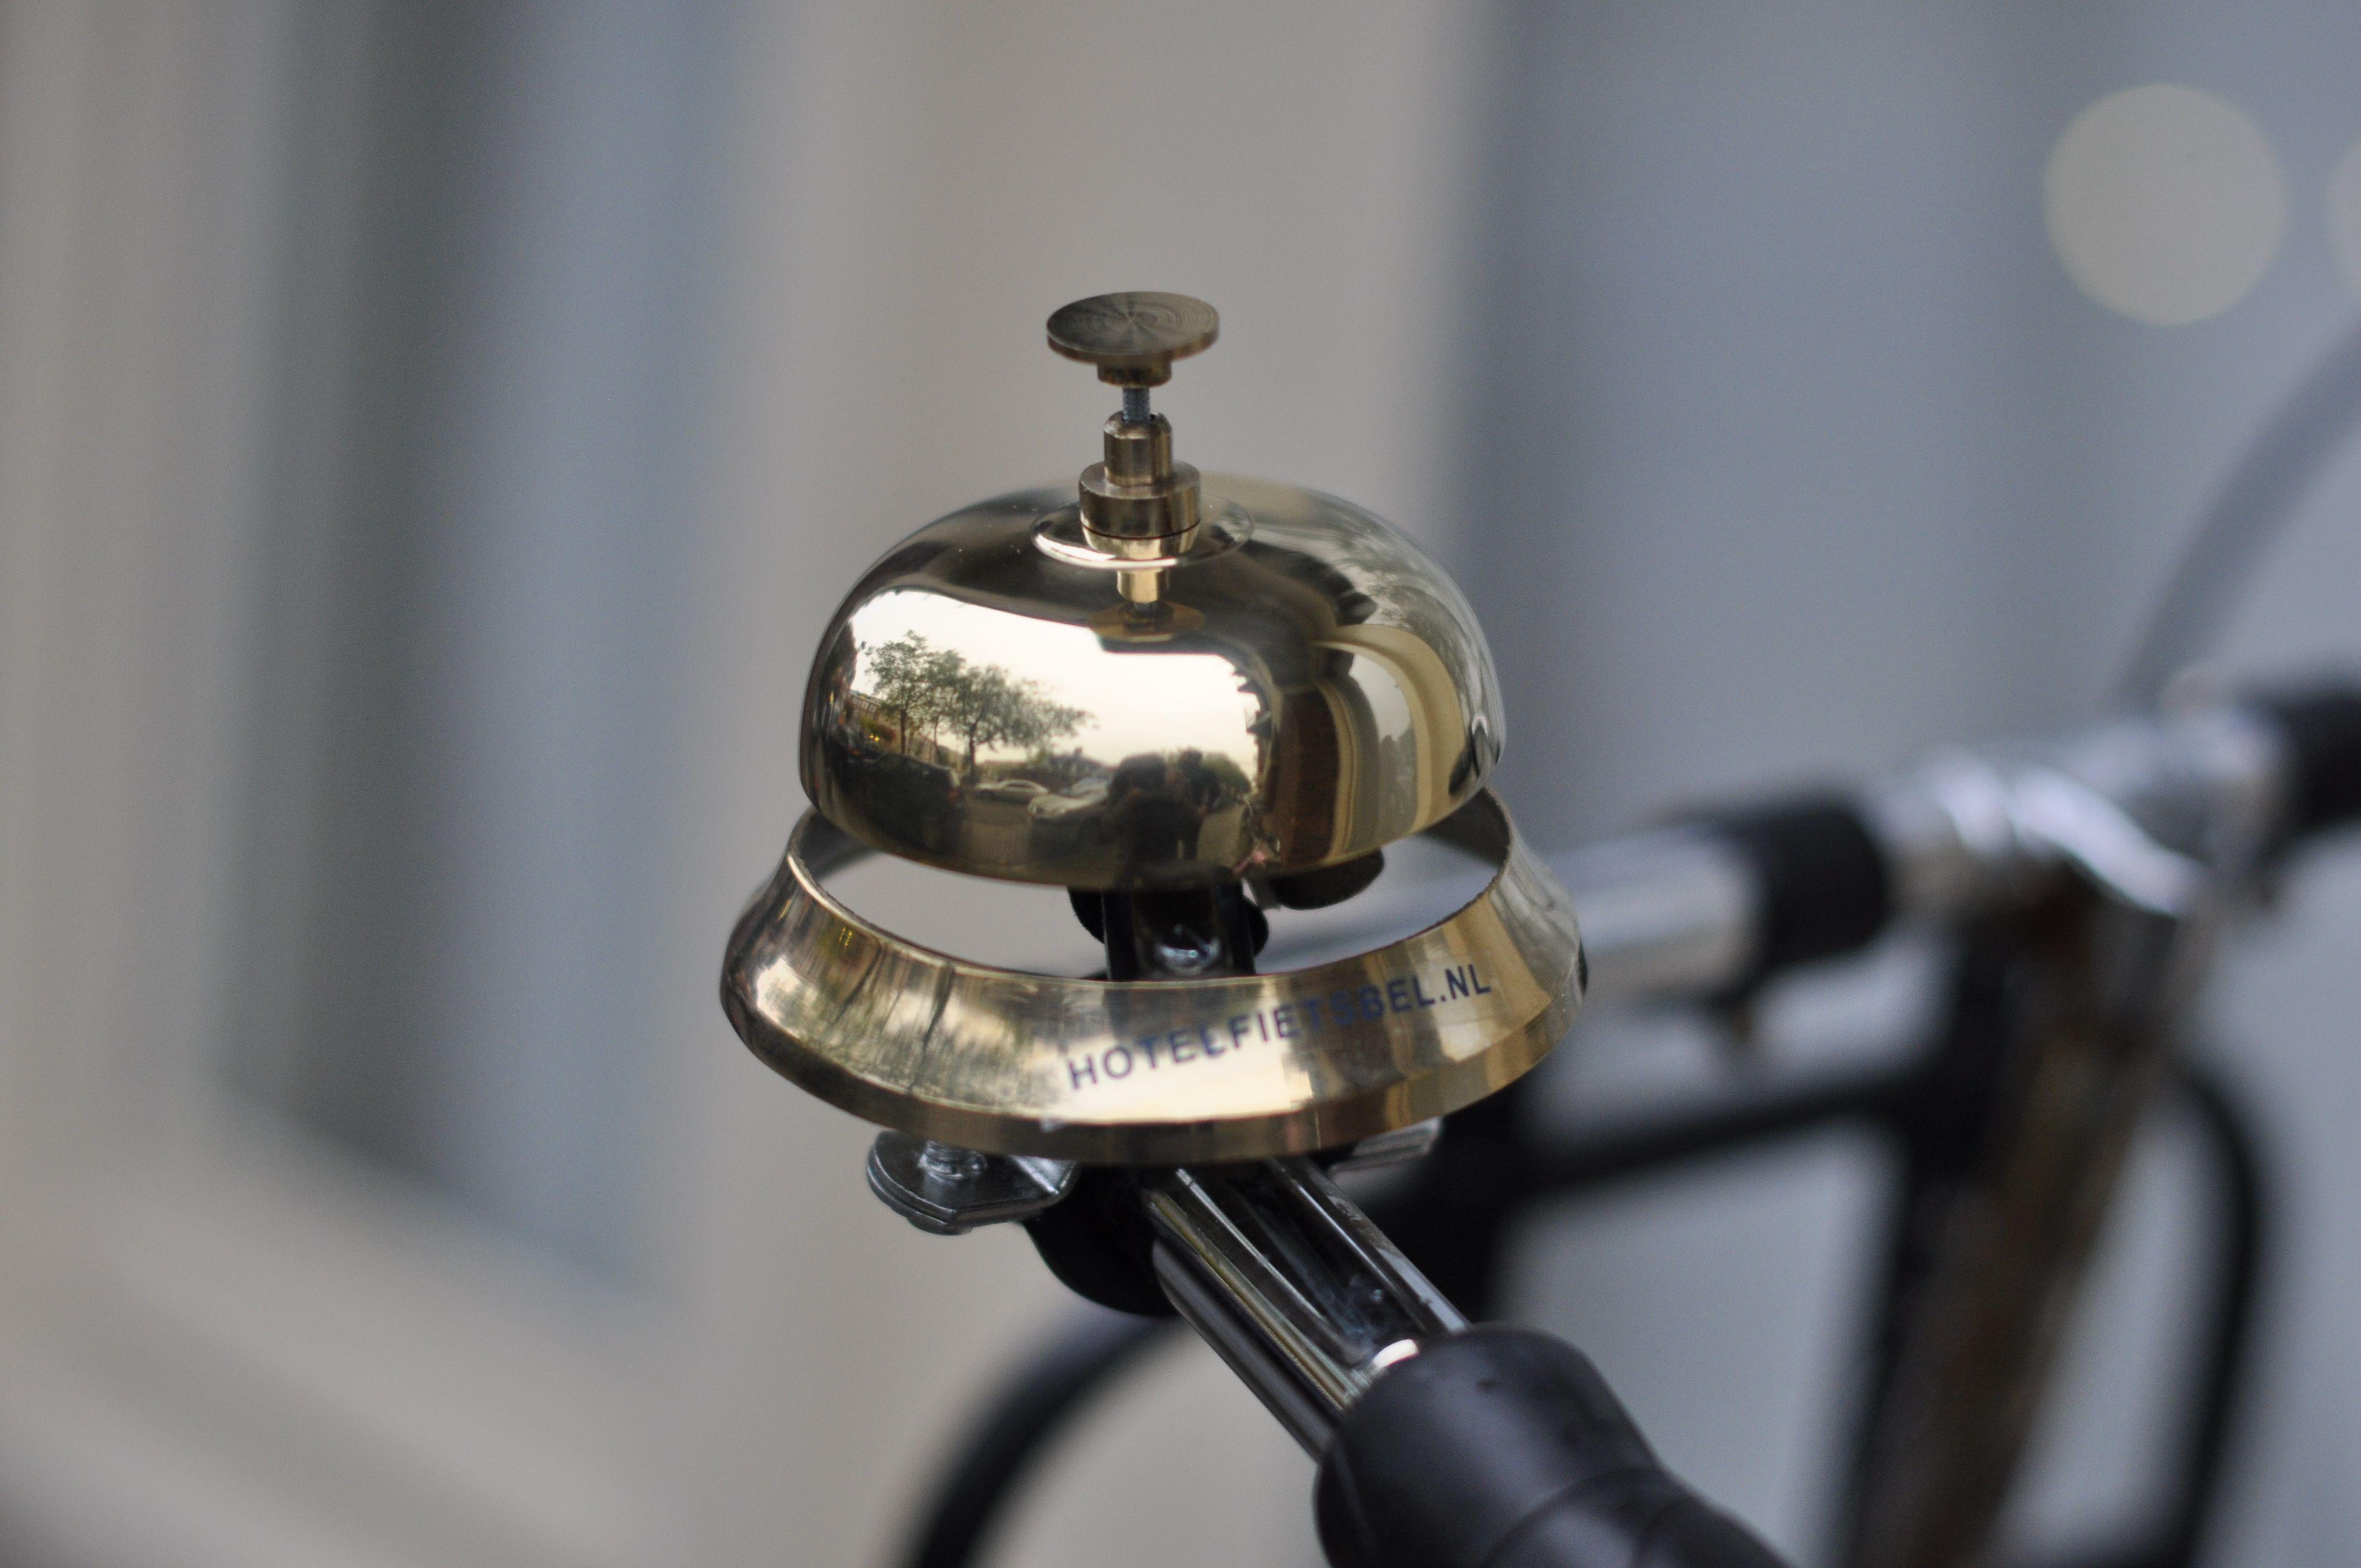 Hotel Bike Bell Bike Accessories Bike Details Bike